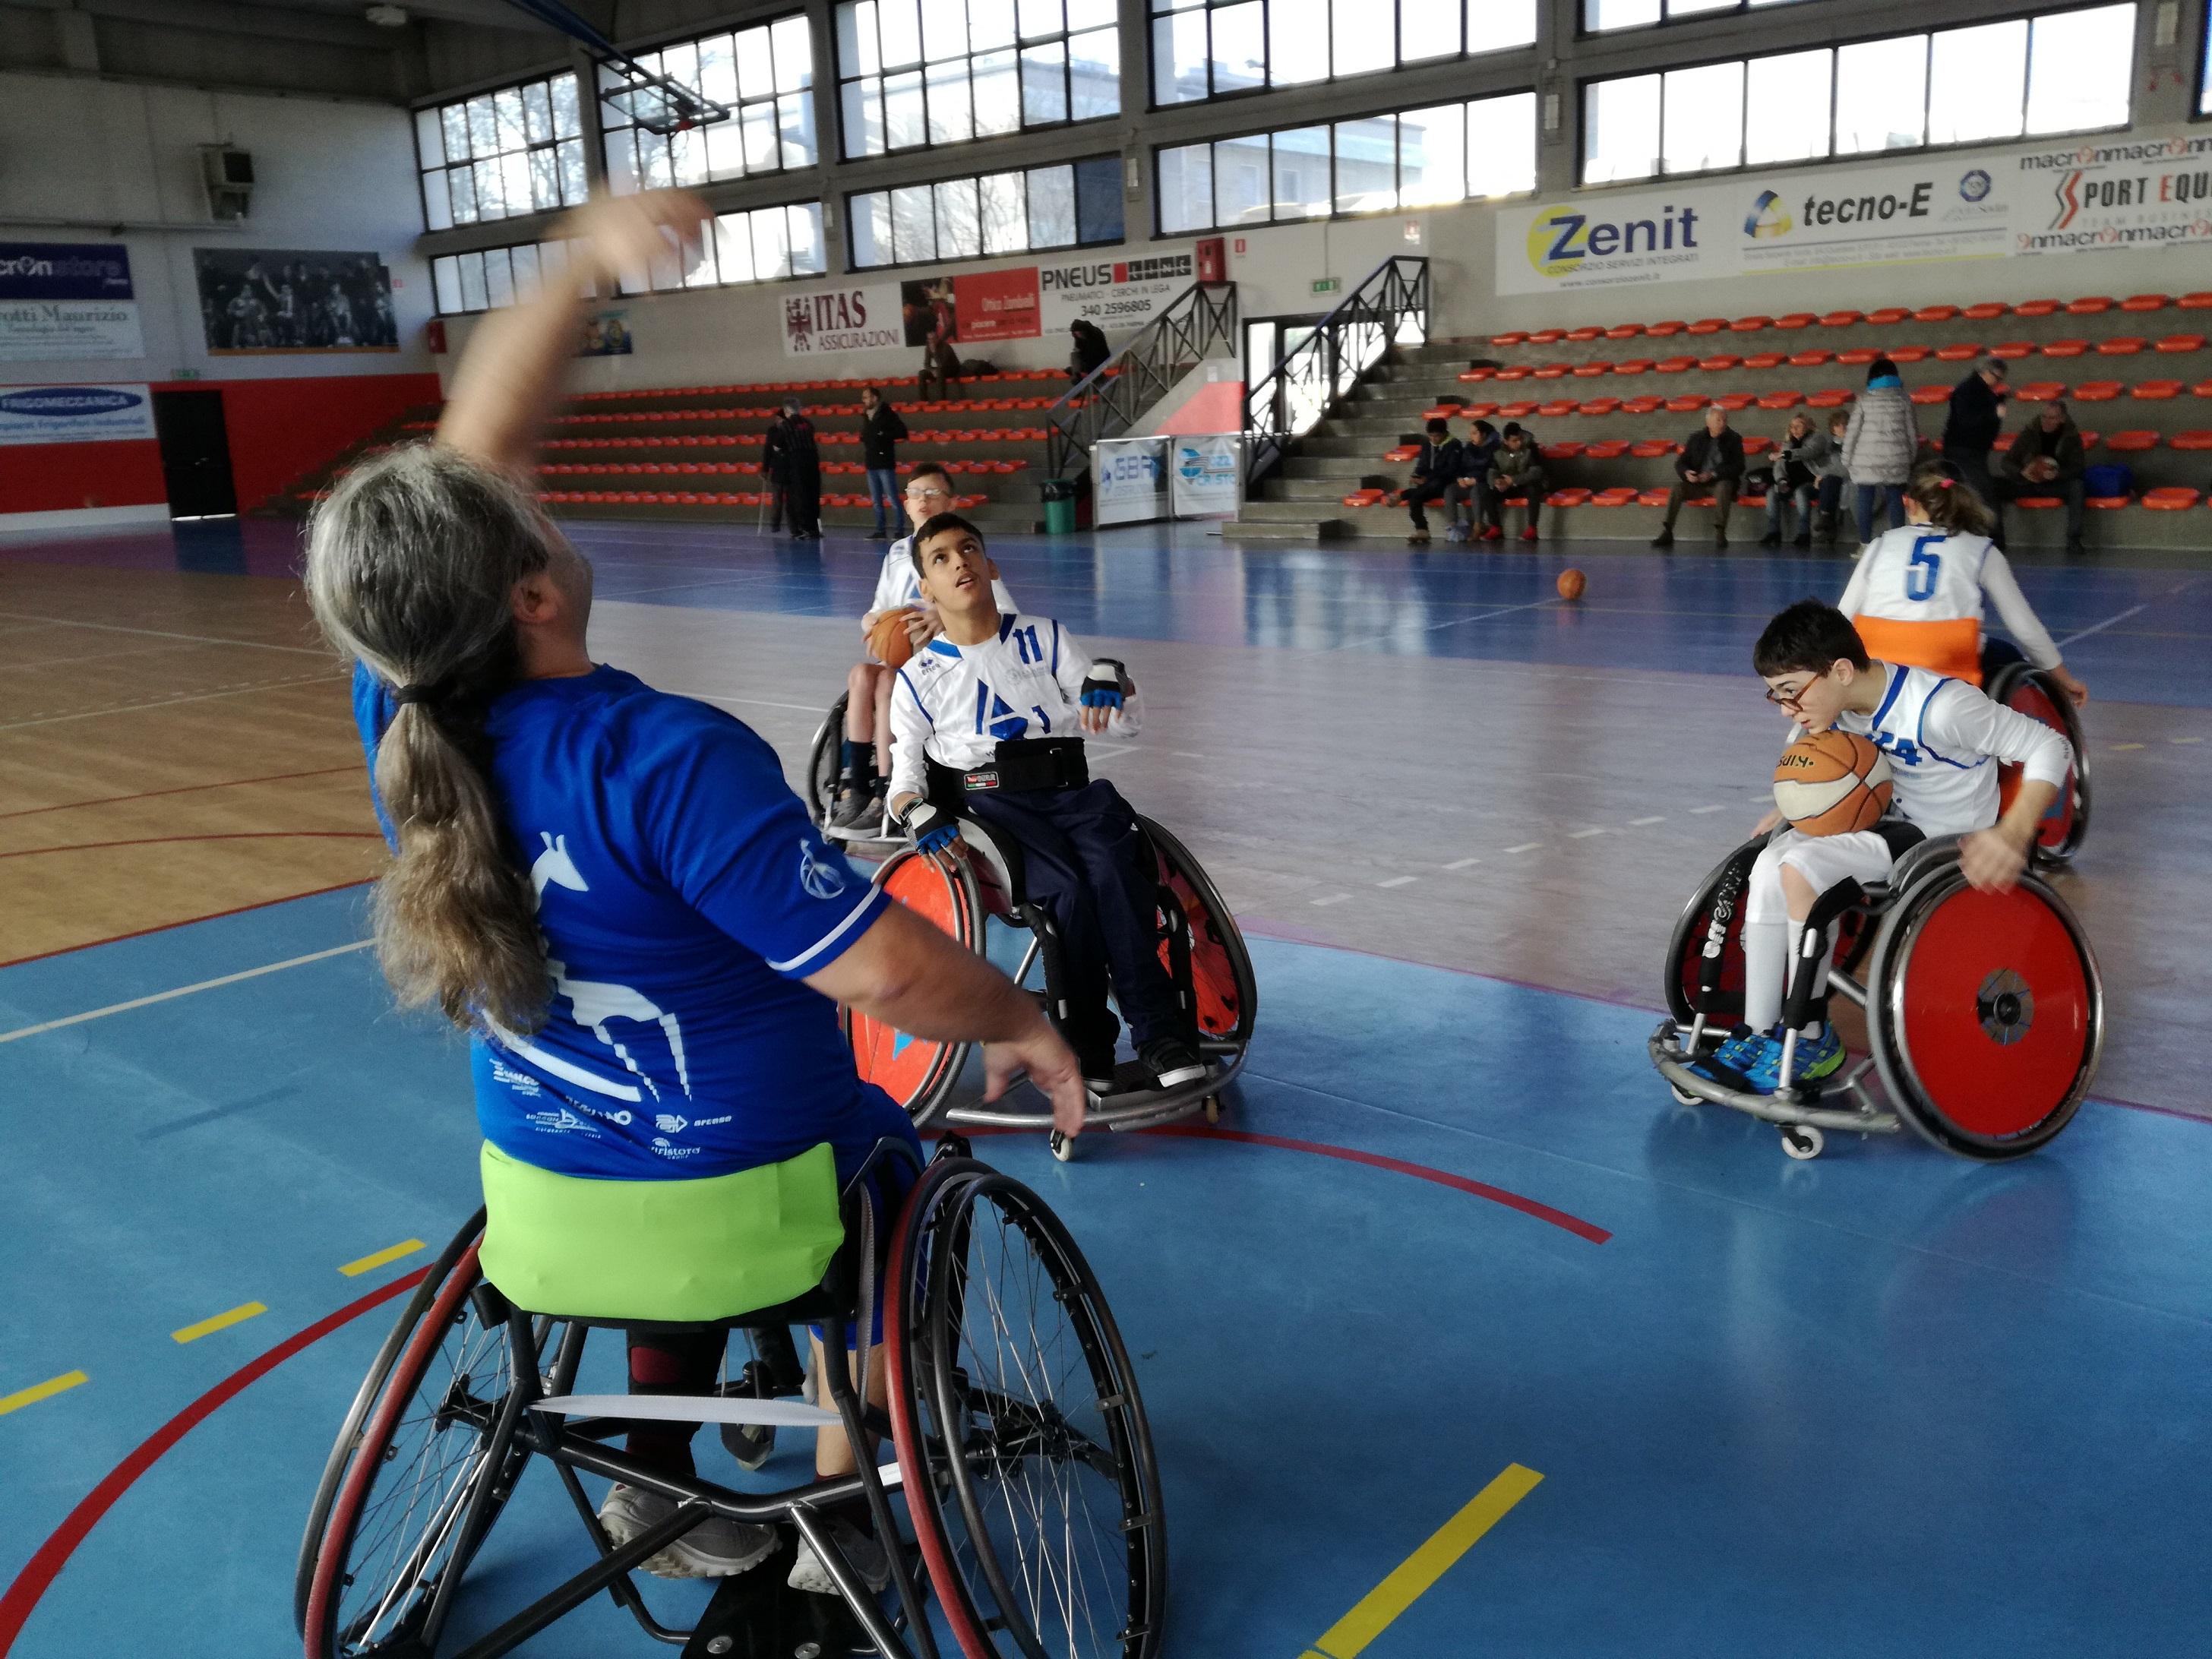 Il circuito Uisp-Trofeo Anmic di basket in carrozzina passa da Parma